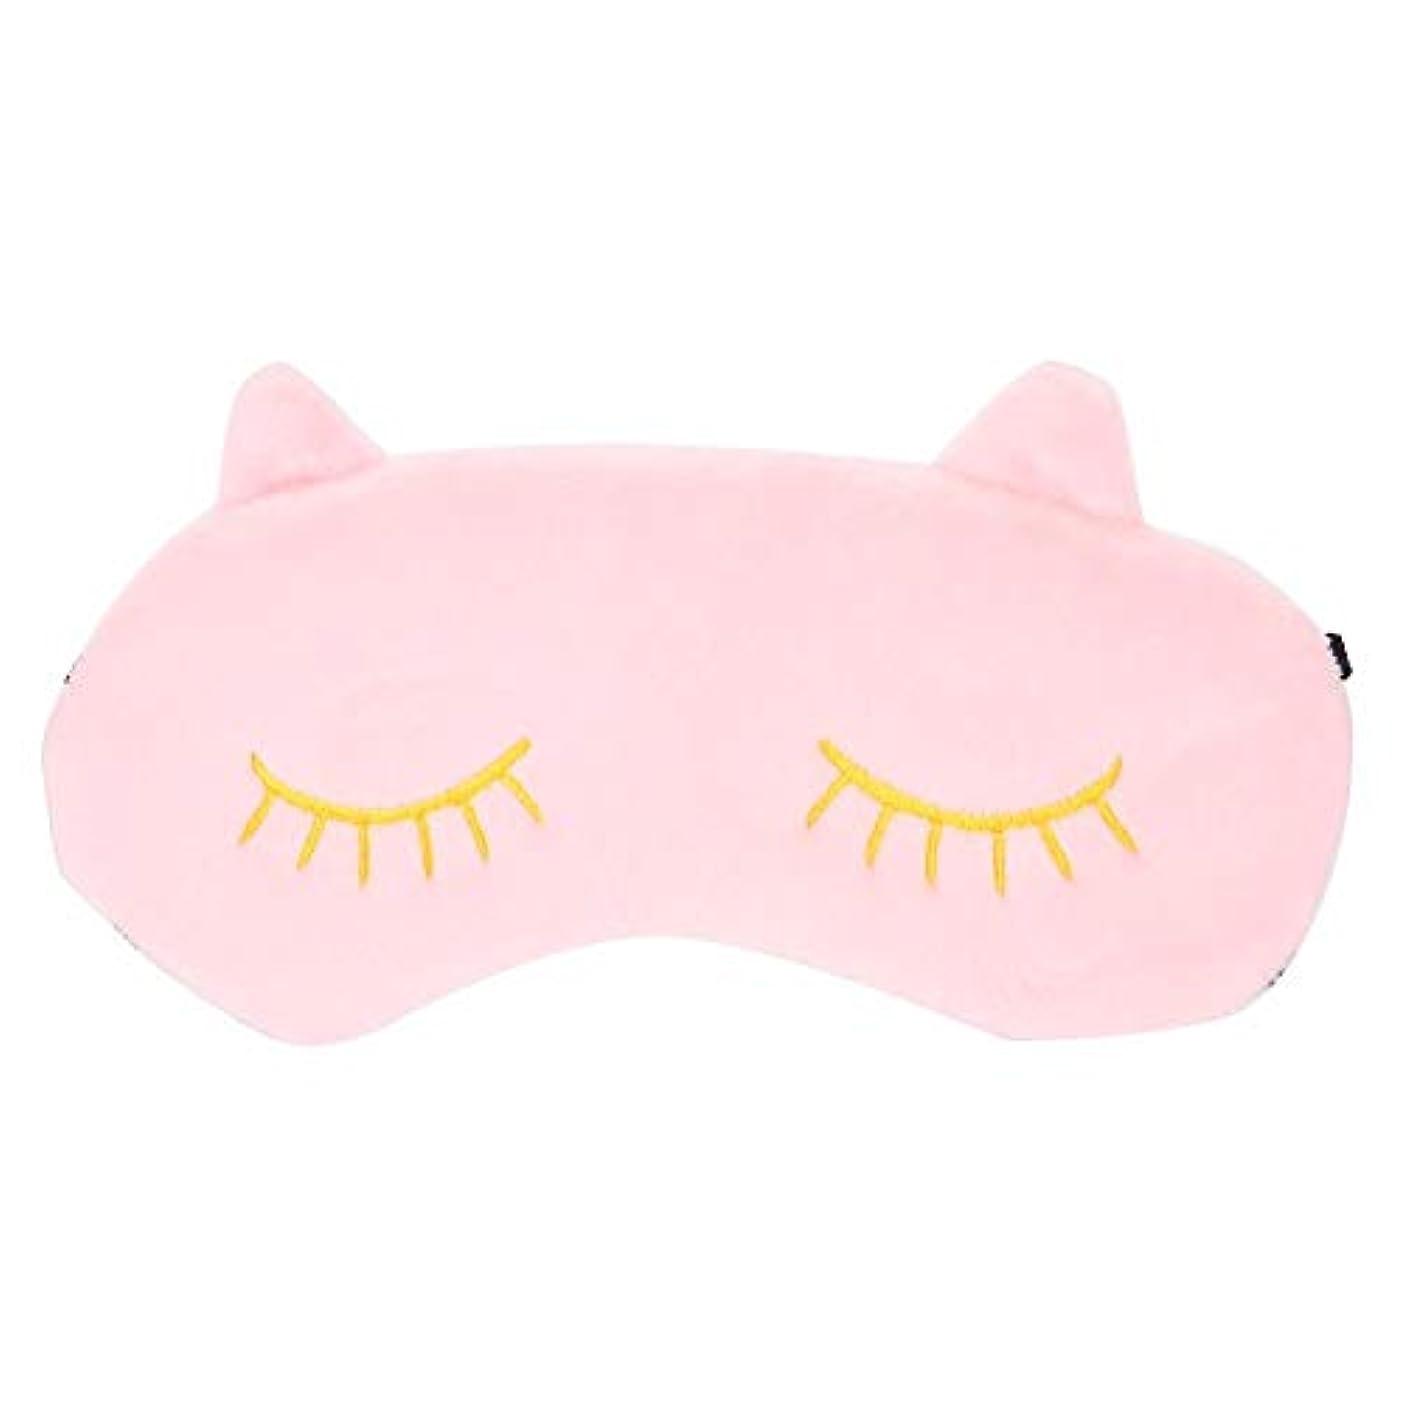 しない祭りどういたしましてアイマスク やわらかコットン素材 洗えるカバー 軽量 飛行機 旅行用 眼精疲労 睡眠グッズ おやすみマスク軽量 可愛い猫 (ピンク)